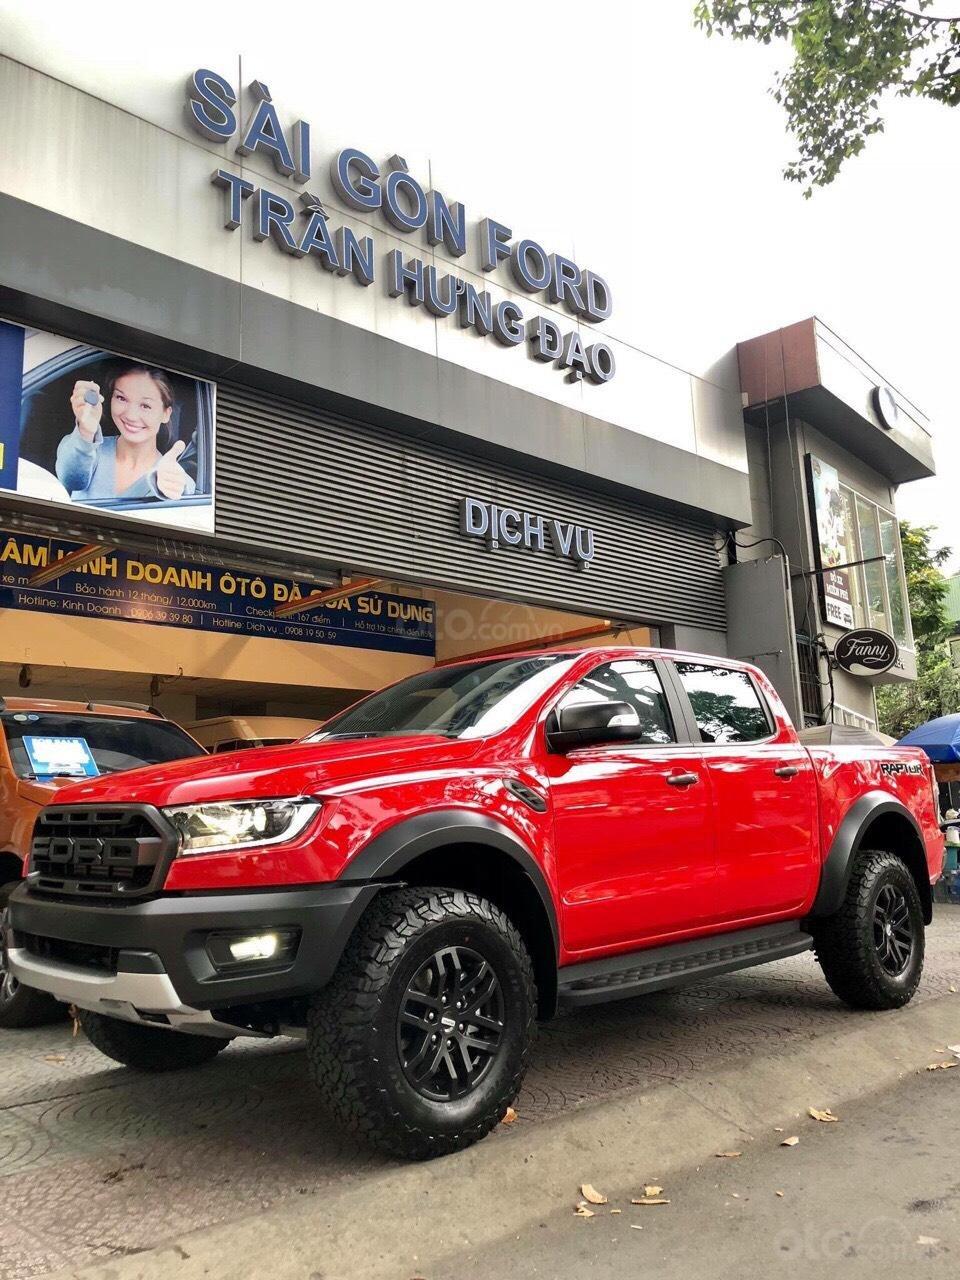 Hòa Bình Ford Ranger Raptor đời 2019, màu đỏ, nhập khẩu nguyên chiếc, LH 0974286009 (2)